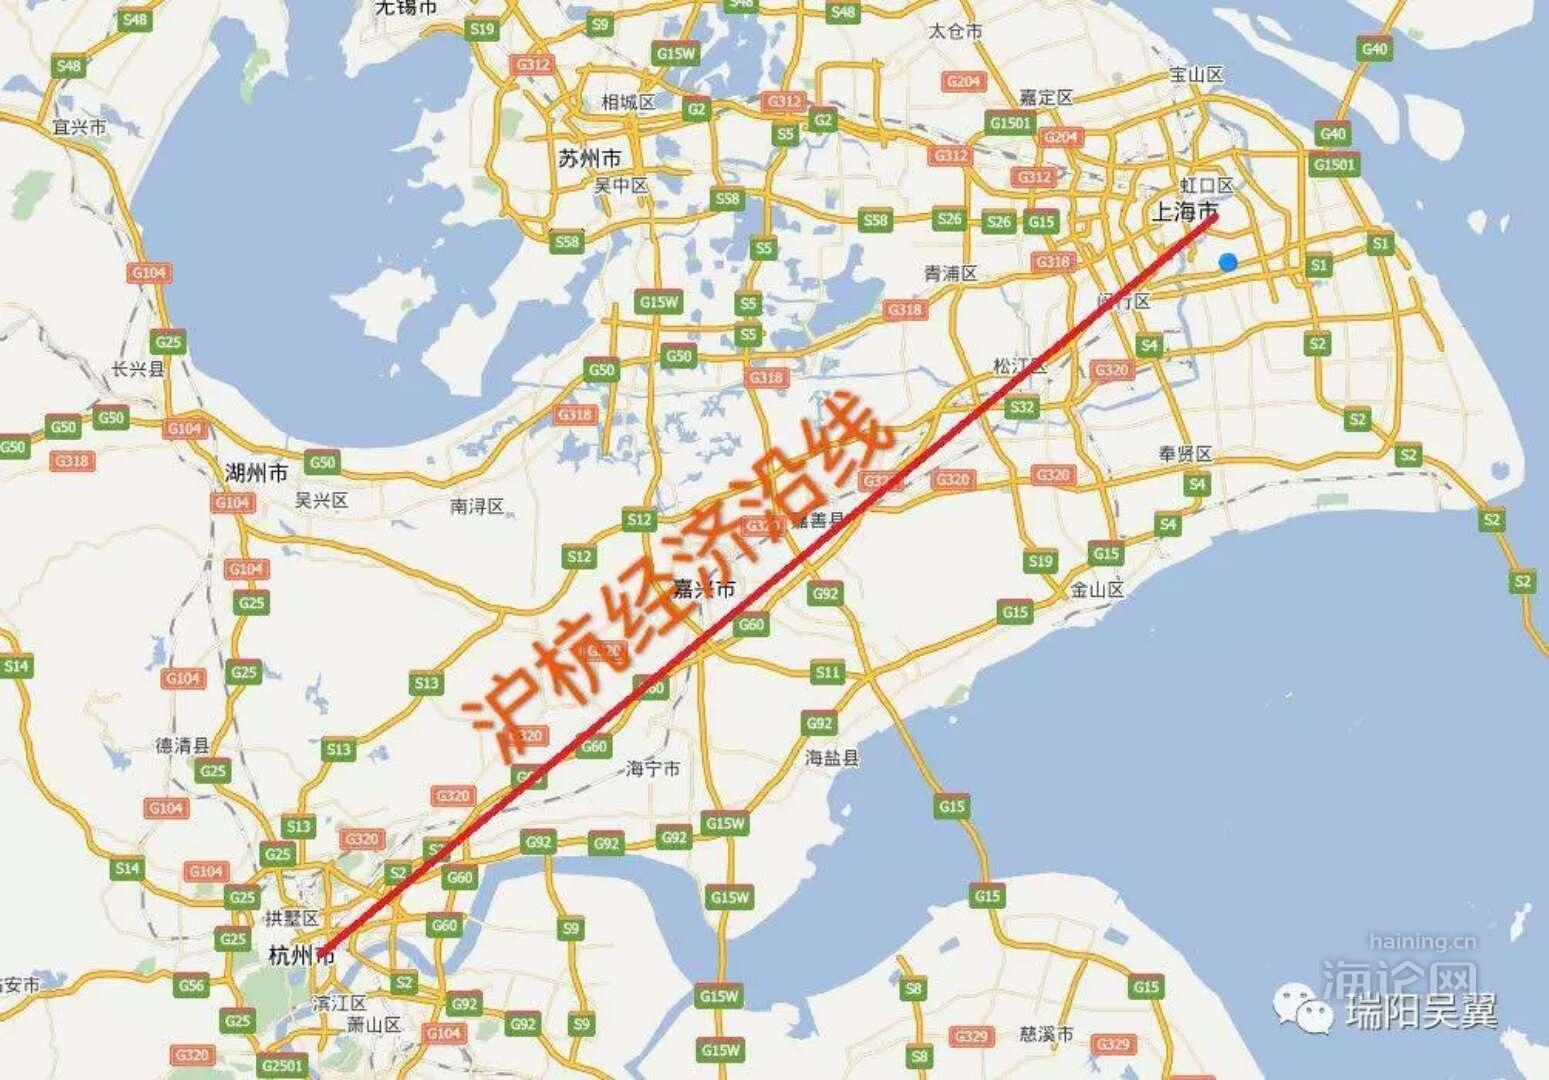 海宁地图全图高清版